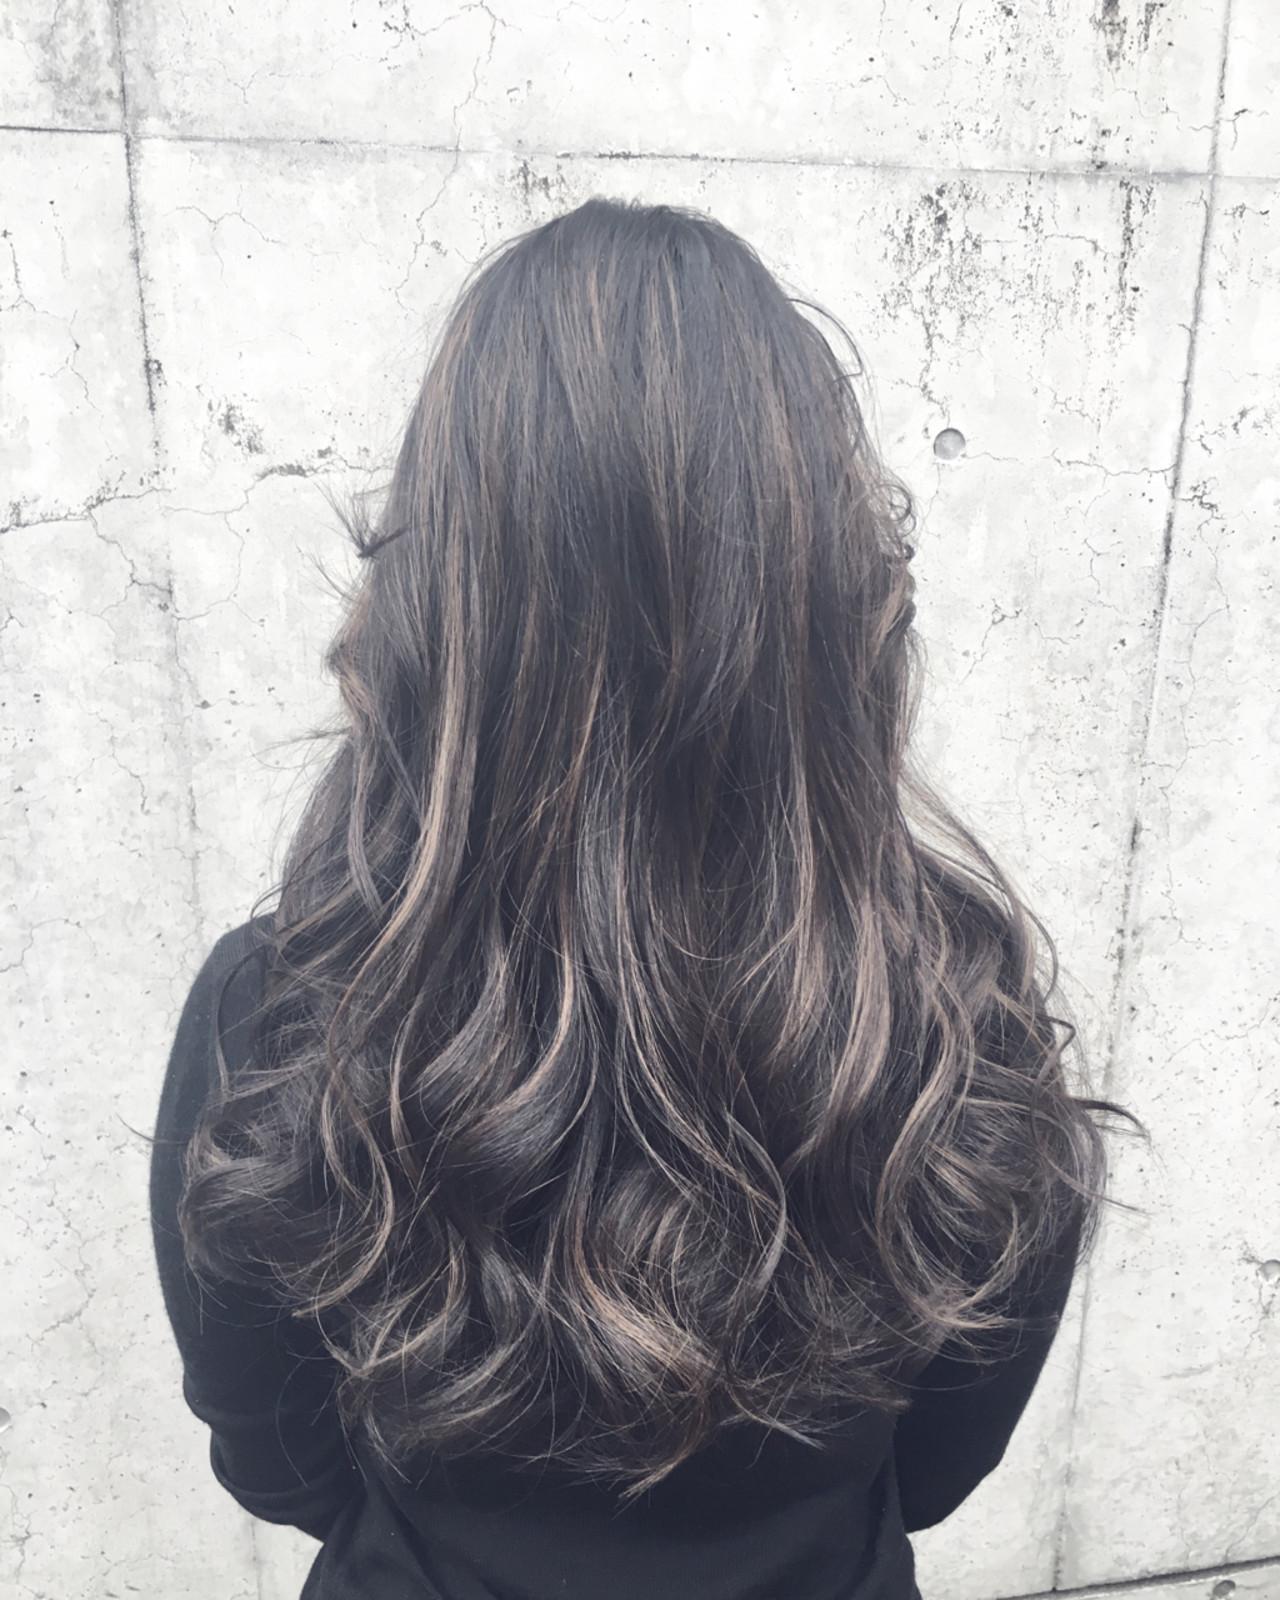 黒髪 モード ハイライト セミロング ヘアスタイルや髪型の写真・画像